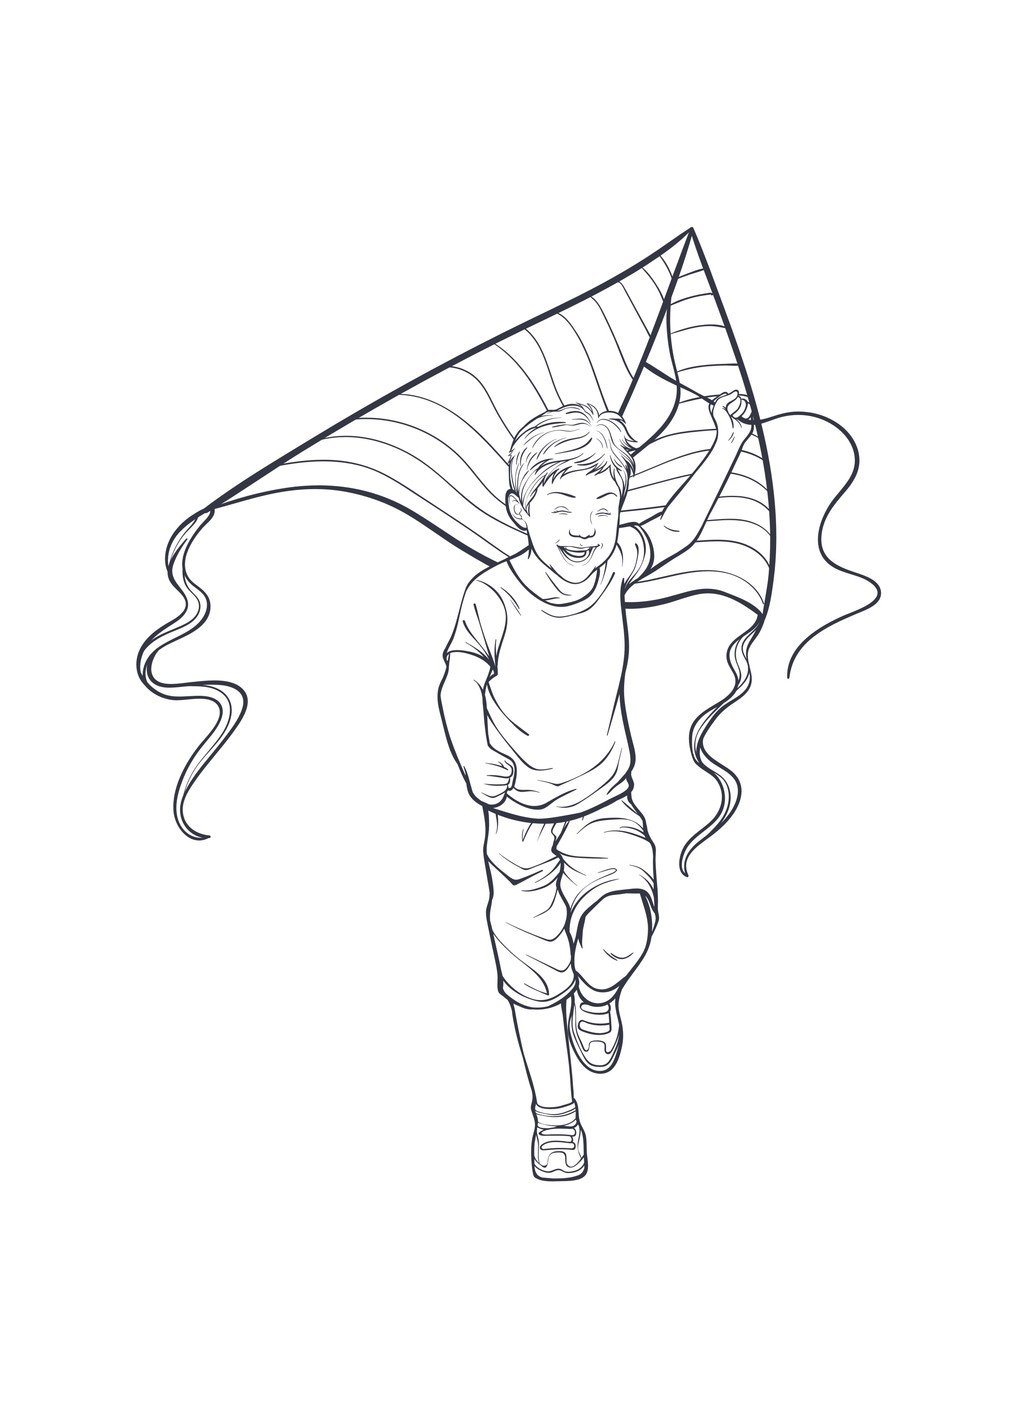 放风筝的小男孩简笔插画图片素材 放风筝的小男孩简笔插画其他格式模图片